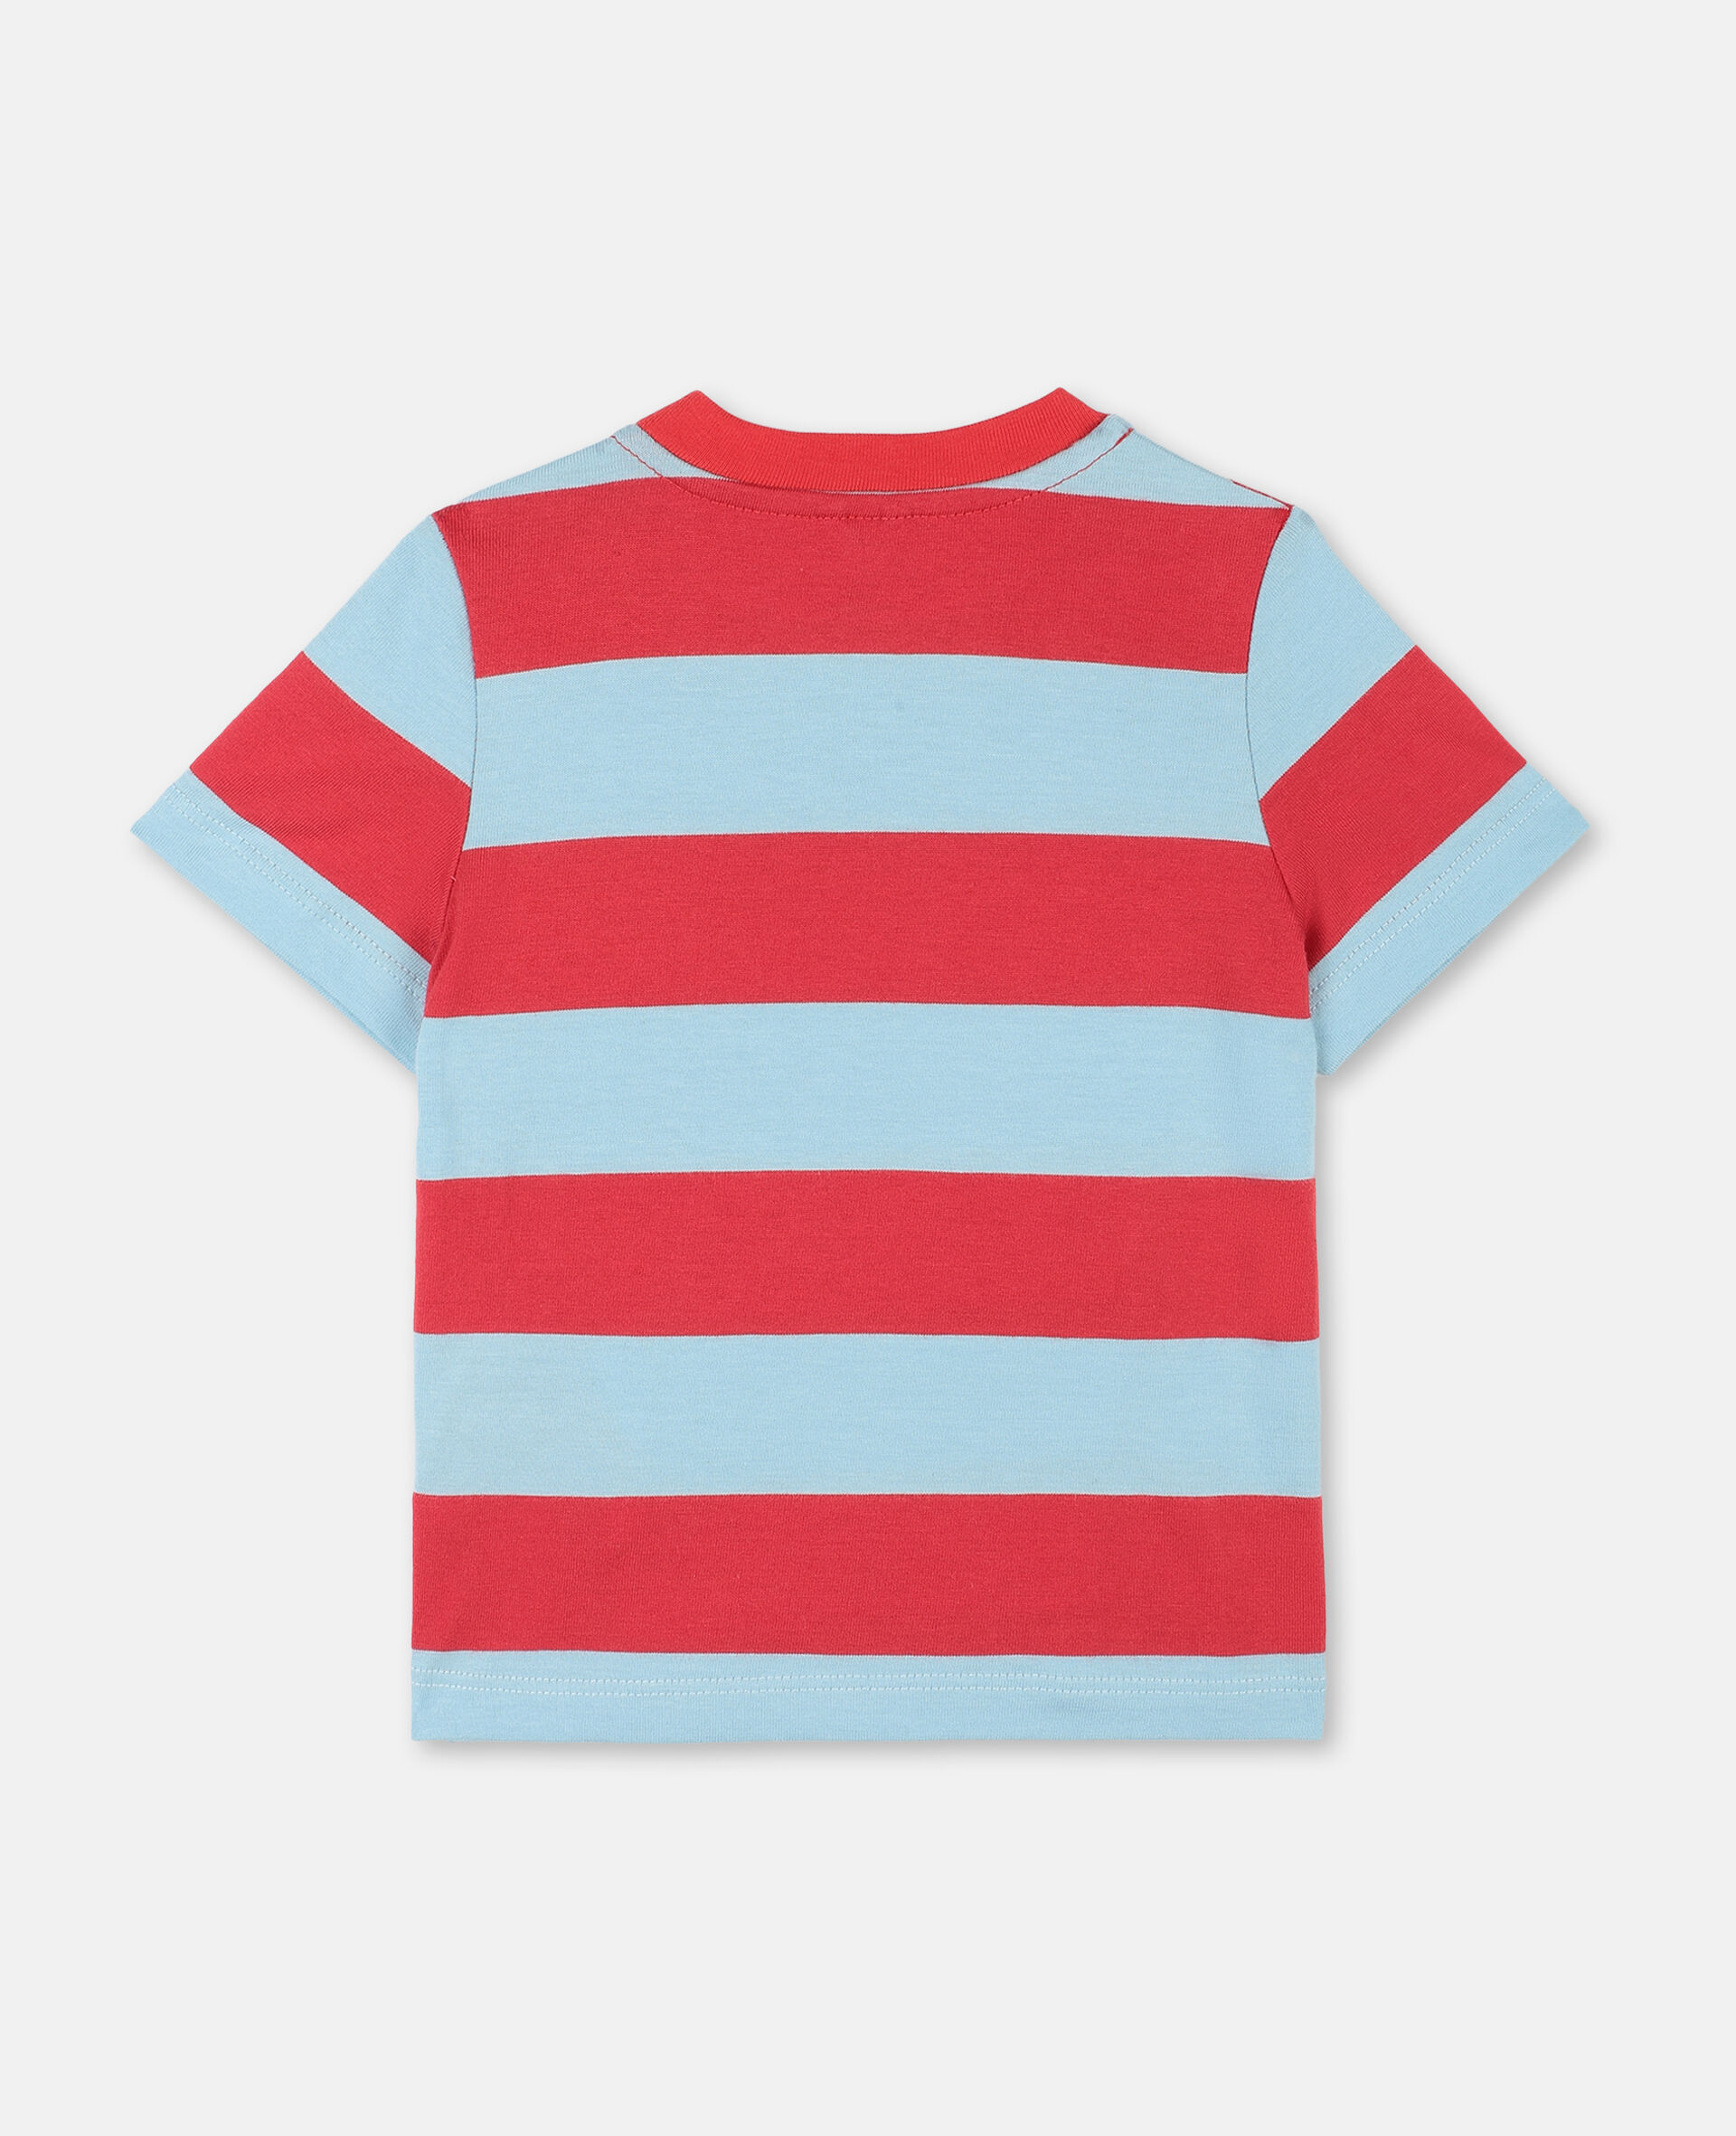 フラミンゴ コットン Tシャツ -レッド-large image number 3